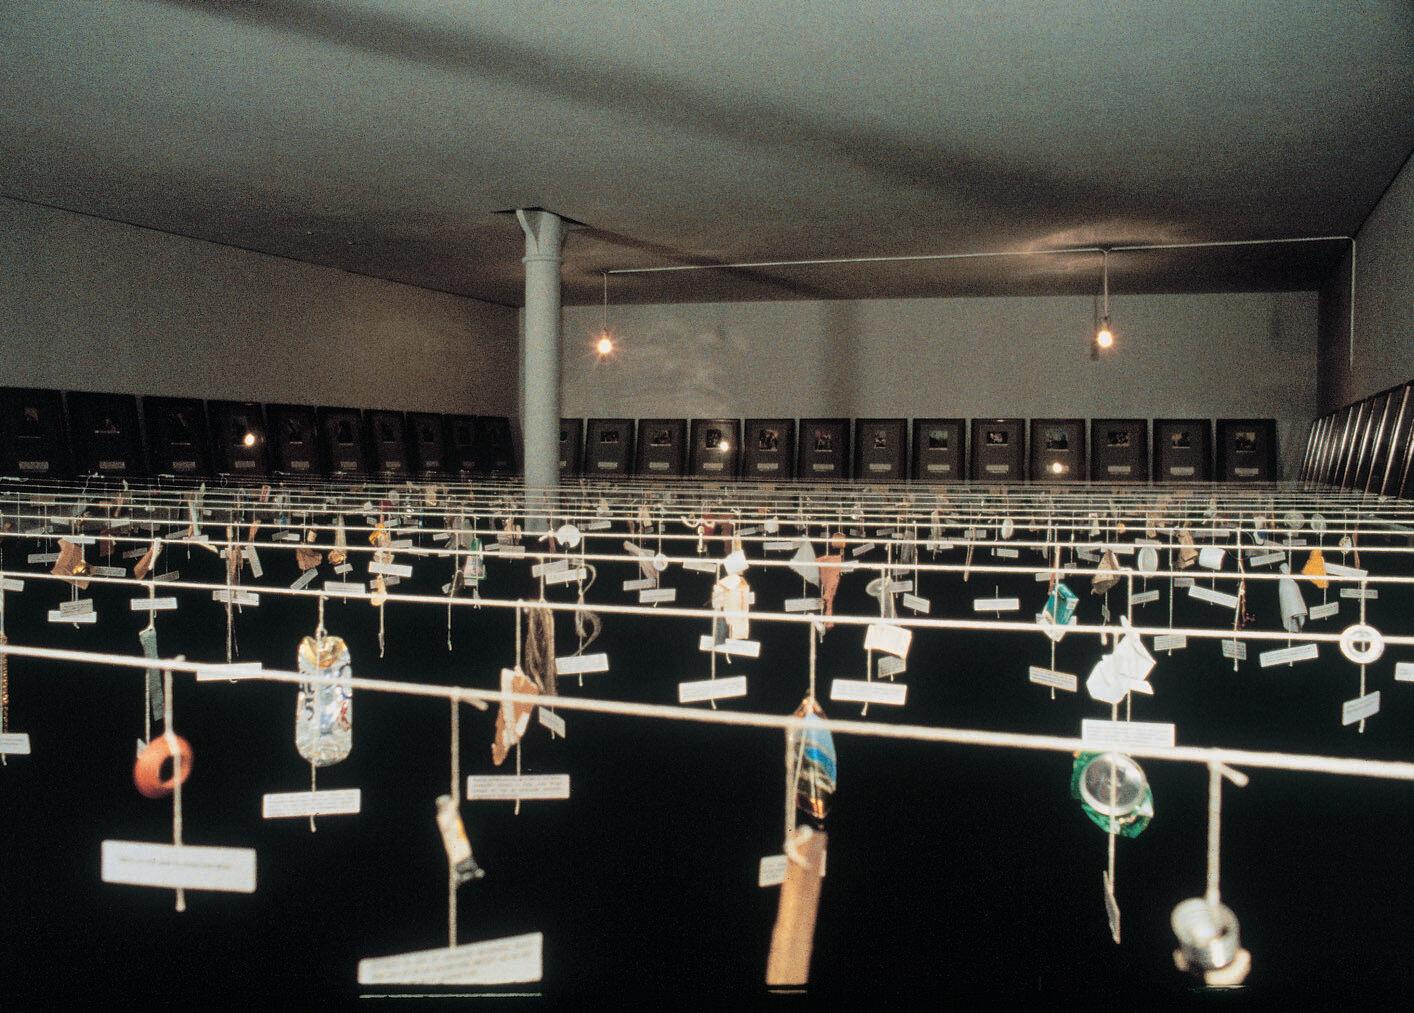 View-of-installation-Museum-für-Gegenwartskunst-Basel-1995-Photo-by-Martin-Bühler-1.jpg